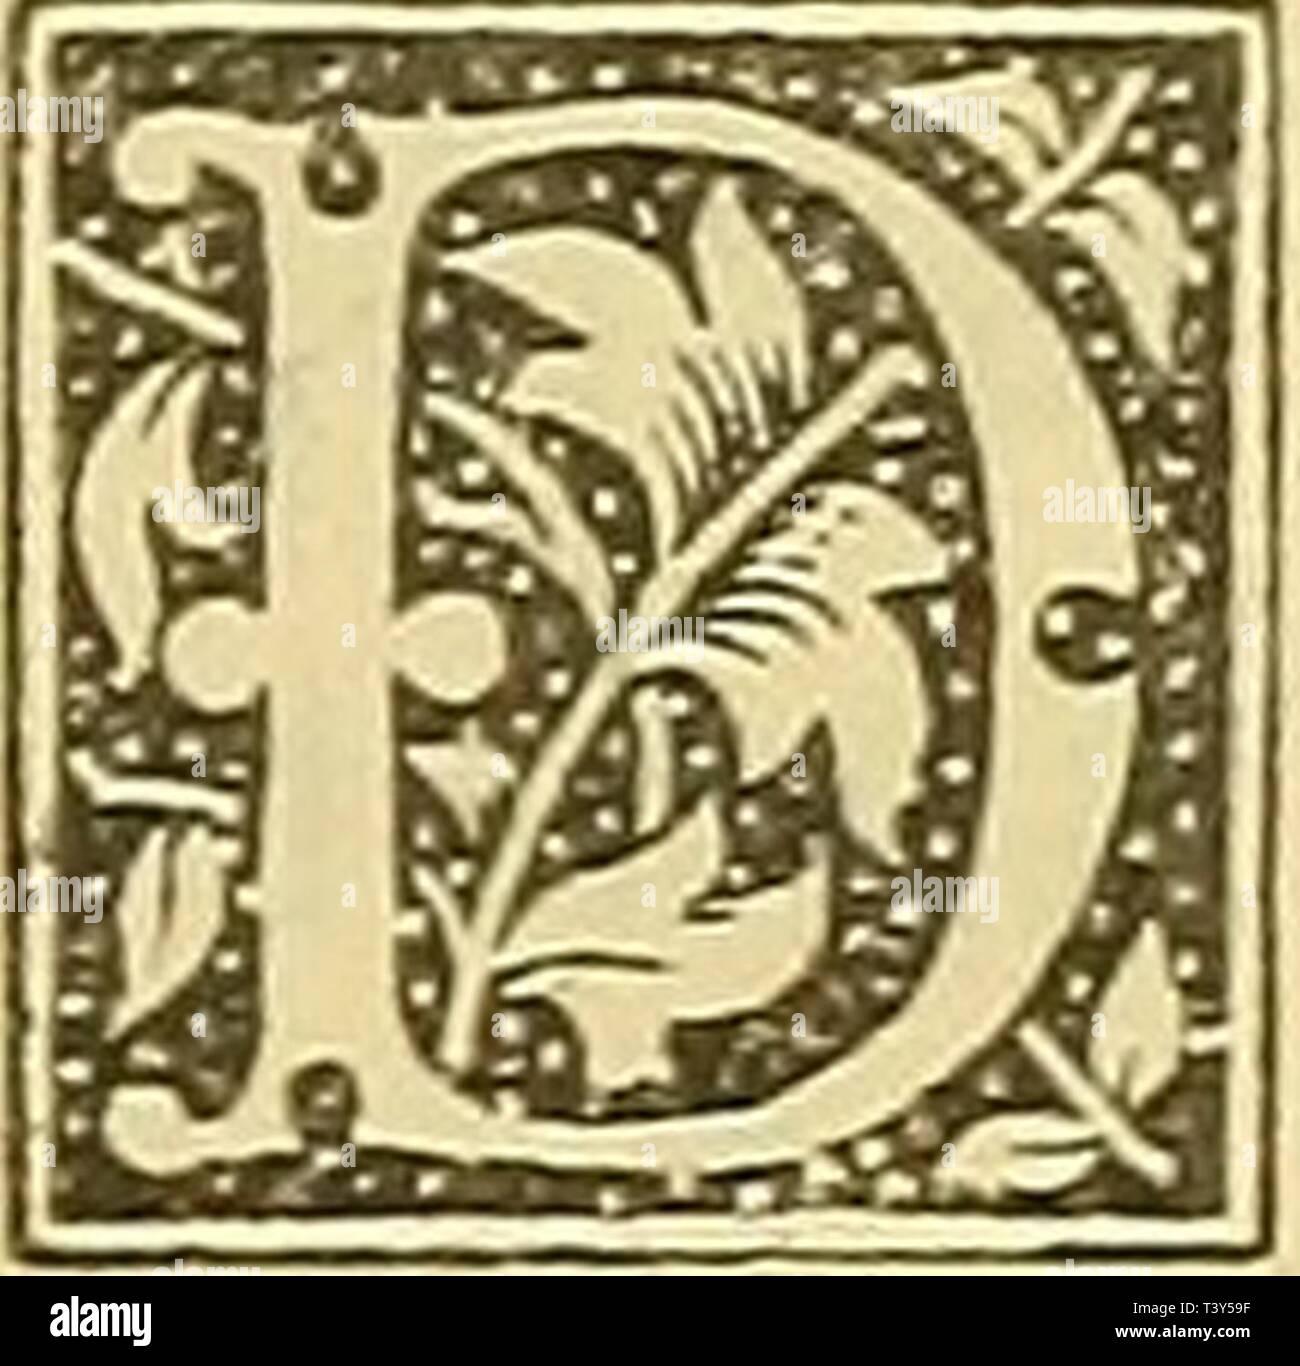 Archive image from page 316 of Die Pflanzen im alten Aegypten. Die Pflanzen im alten Aegypten : ihre Heimat, Geschichte, Kultur und ihre mannigfache Verwendung im sozialen Leben in Kultus, Sitten, Gebräuchen, Medizin, Kunst  diepflanzenimalt00woen Year: 1897  — 323 - Tbeophrast, Plinius, Diodor, Strabon, Plu- tarch, Galen, Nikander, Sostratus und anderen alten Autoren war die Persea {neqaiov) sehr wohl bekannt. Nach D i 0 d 0 r 1) ist dieselbe erst unter Kambyses von äthio- pischen Anbauern nach Aegypten eingeführt worden. Für Aethiopien vermerkt sie auch Strabon und zwar unweit der östlichen  - Stock Image